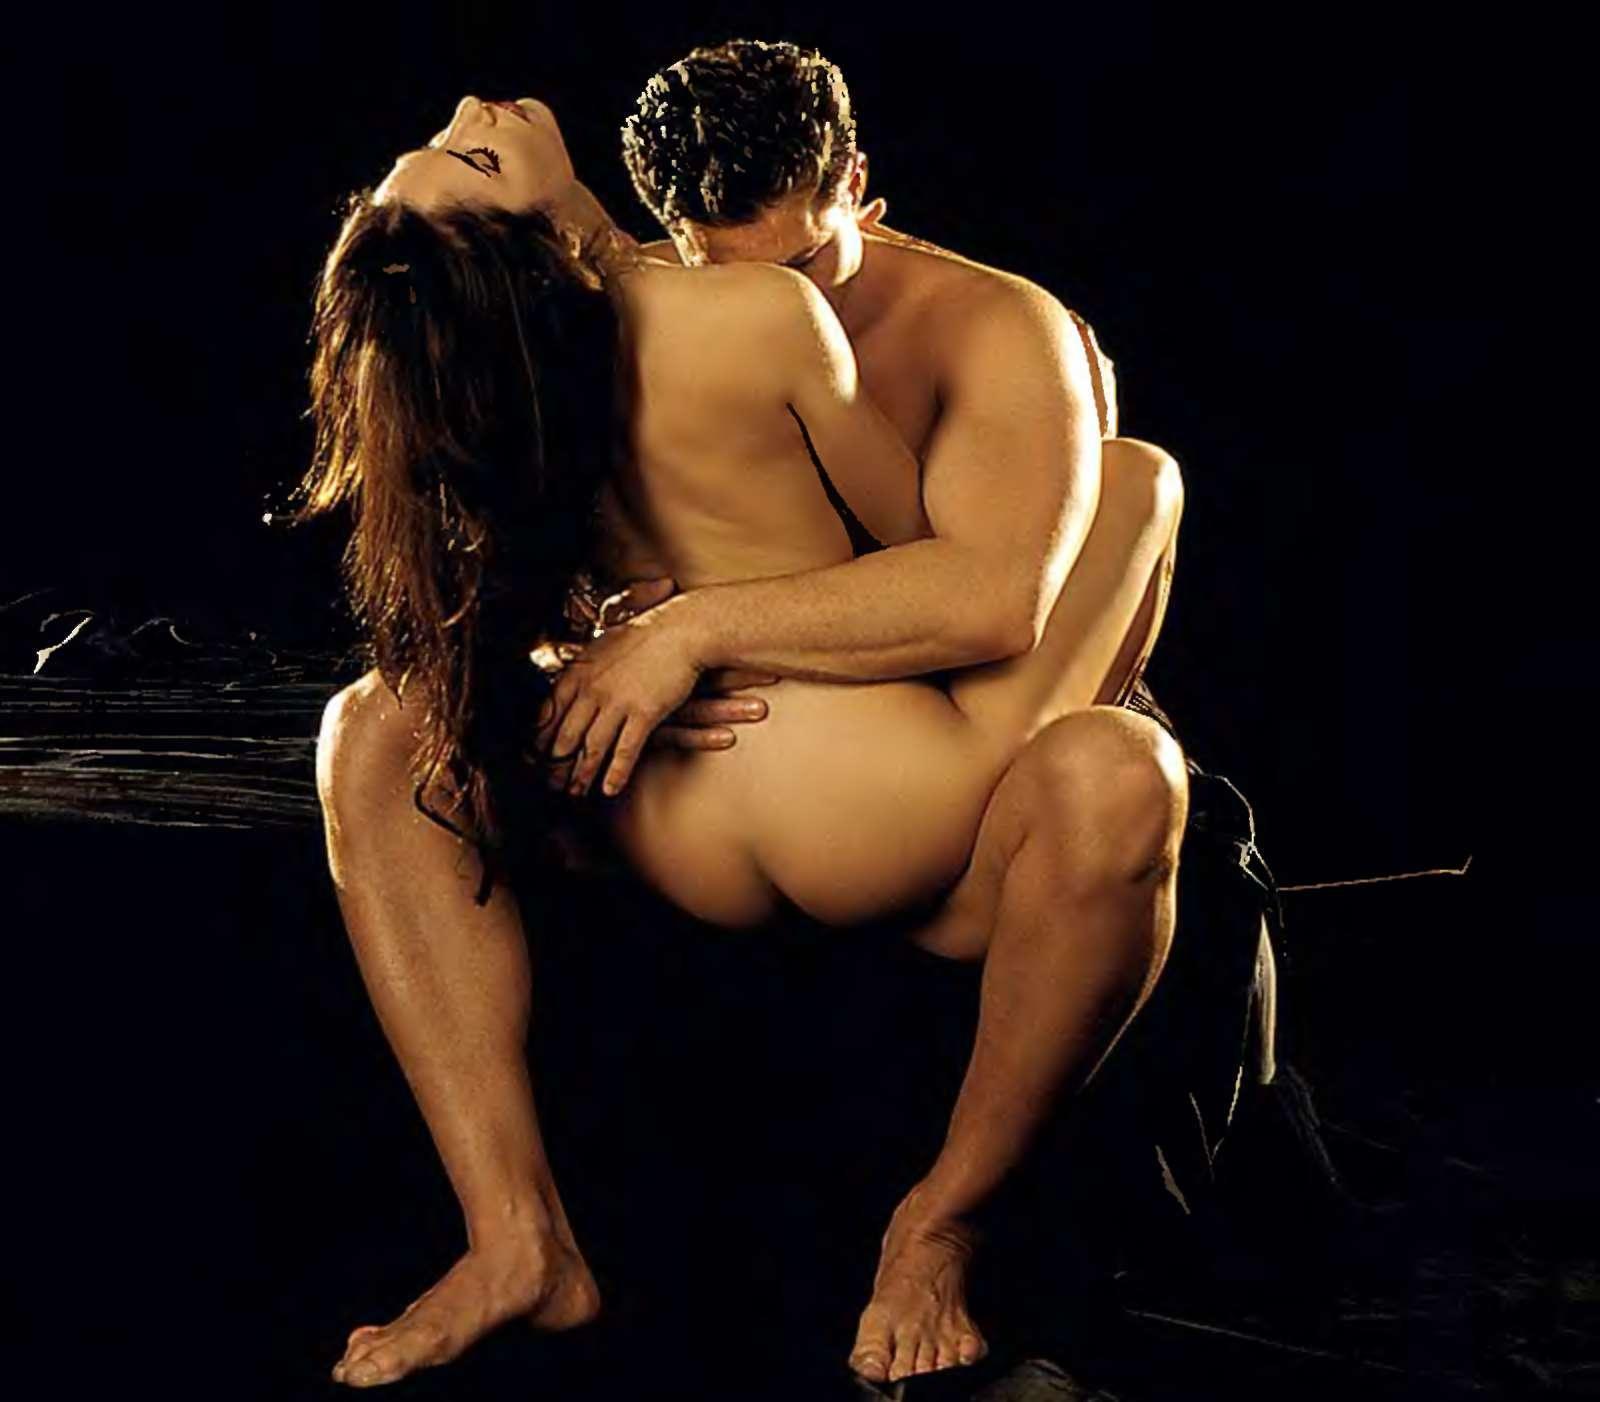 Сексуальные позы пары на фото 19 фотография